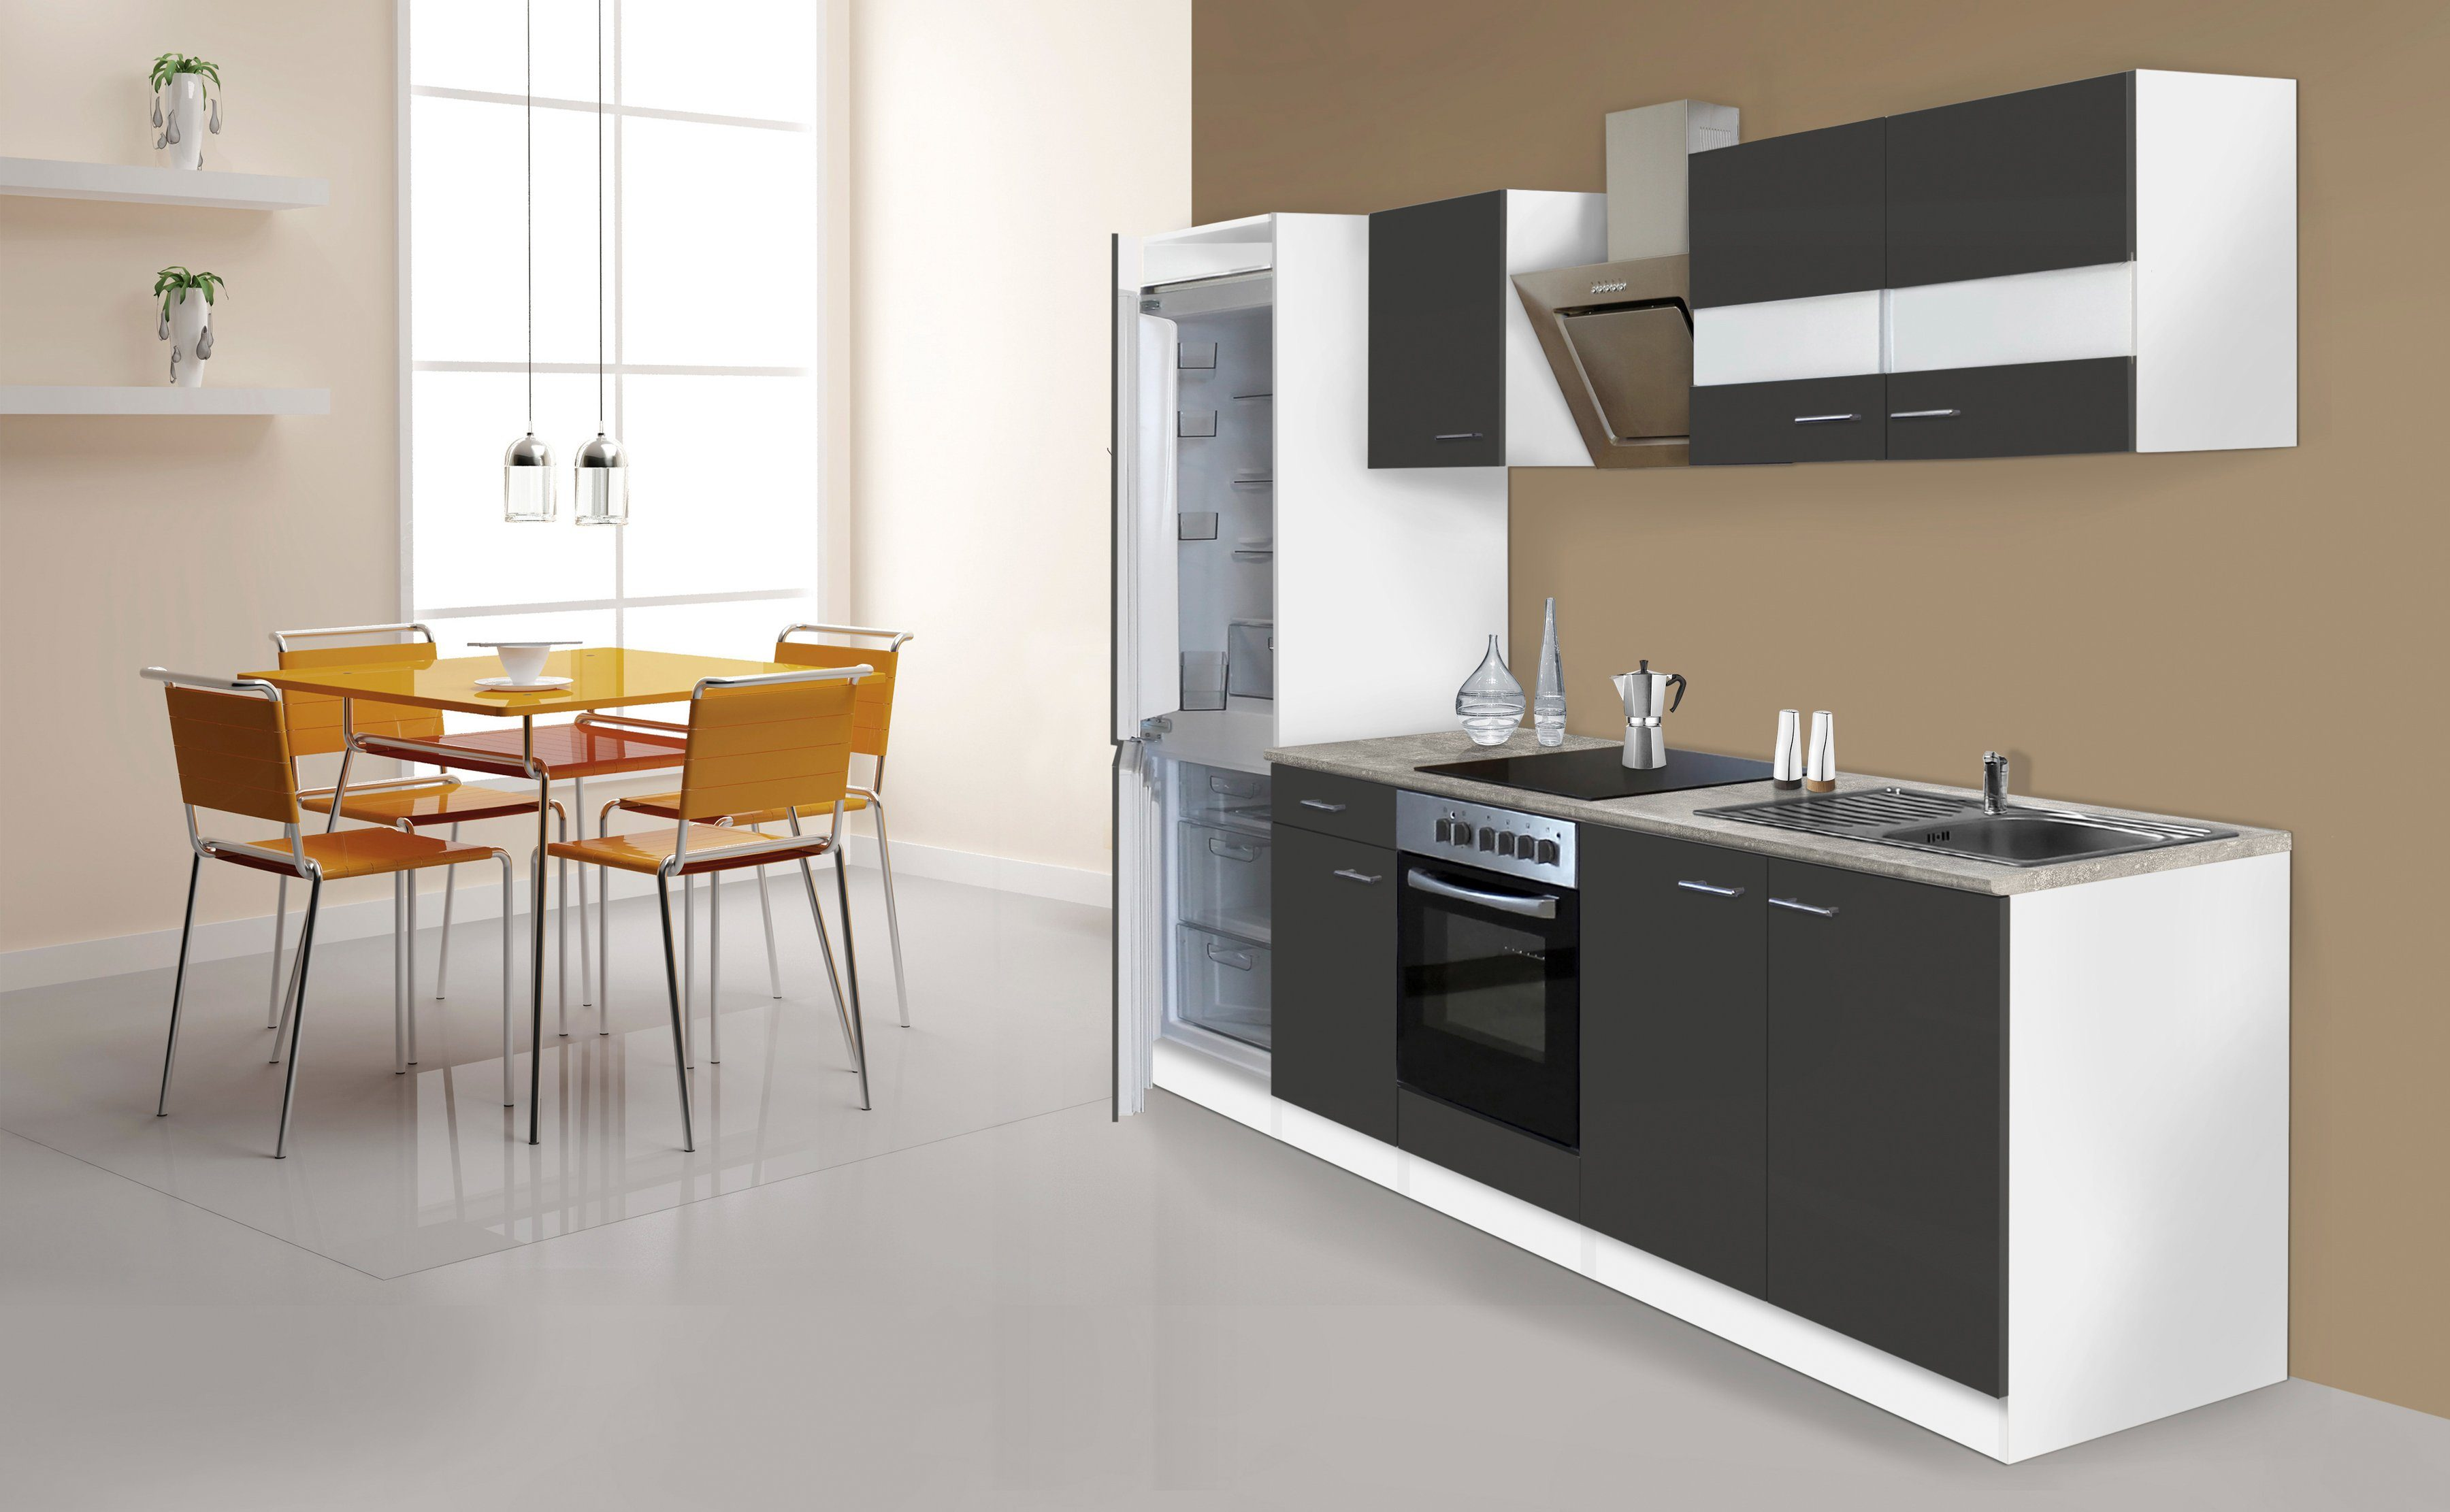 Siemens Kühlschrank Piept : Ikea induktionskochfeld piept siemens induktionskochfeld piept